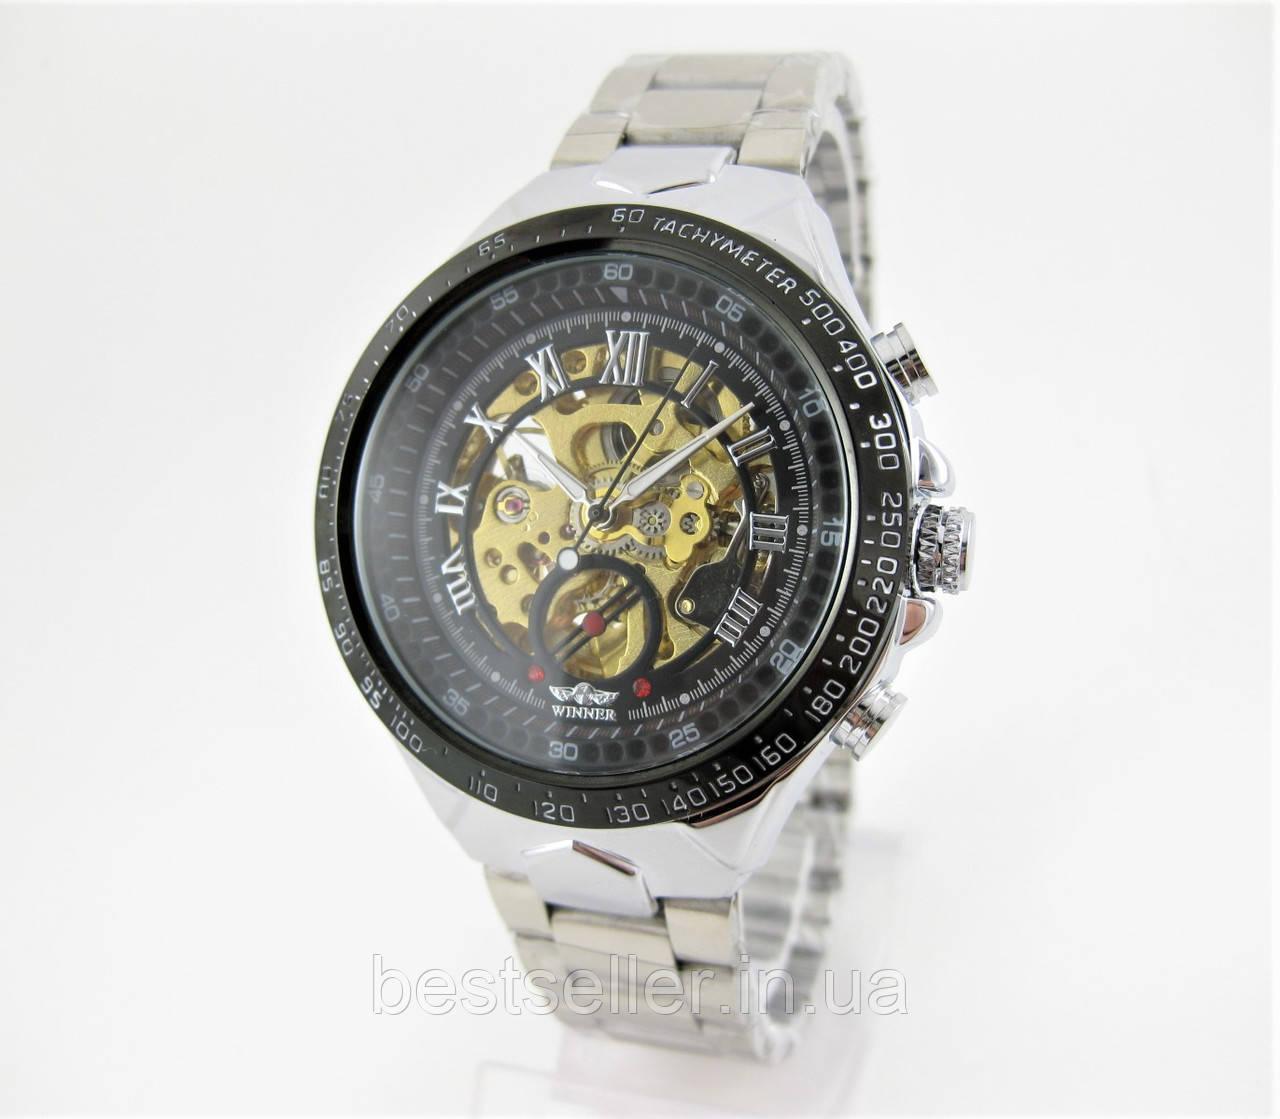 8e5c468a5e5c Часы Winner Skeleton Silver/Black 43mm (ORIGINAL).: Качественные копии  наручных часов для мужчин и ...